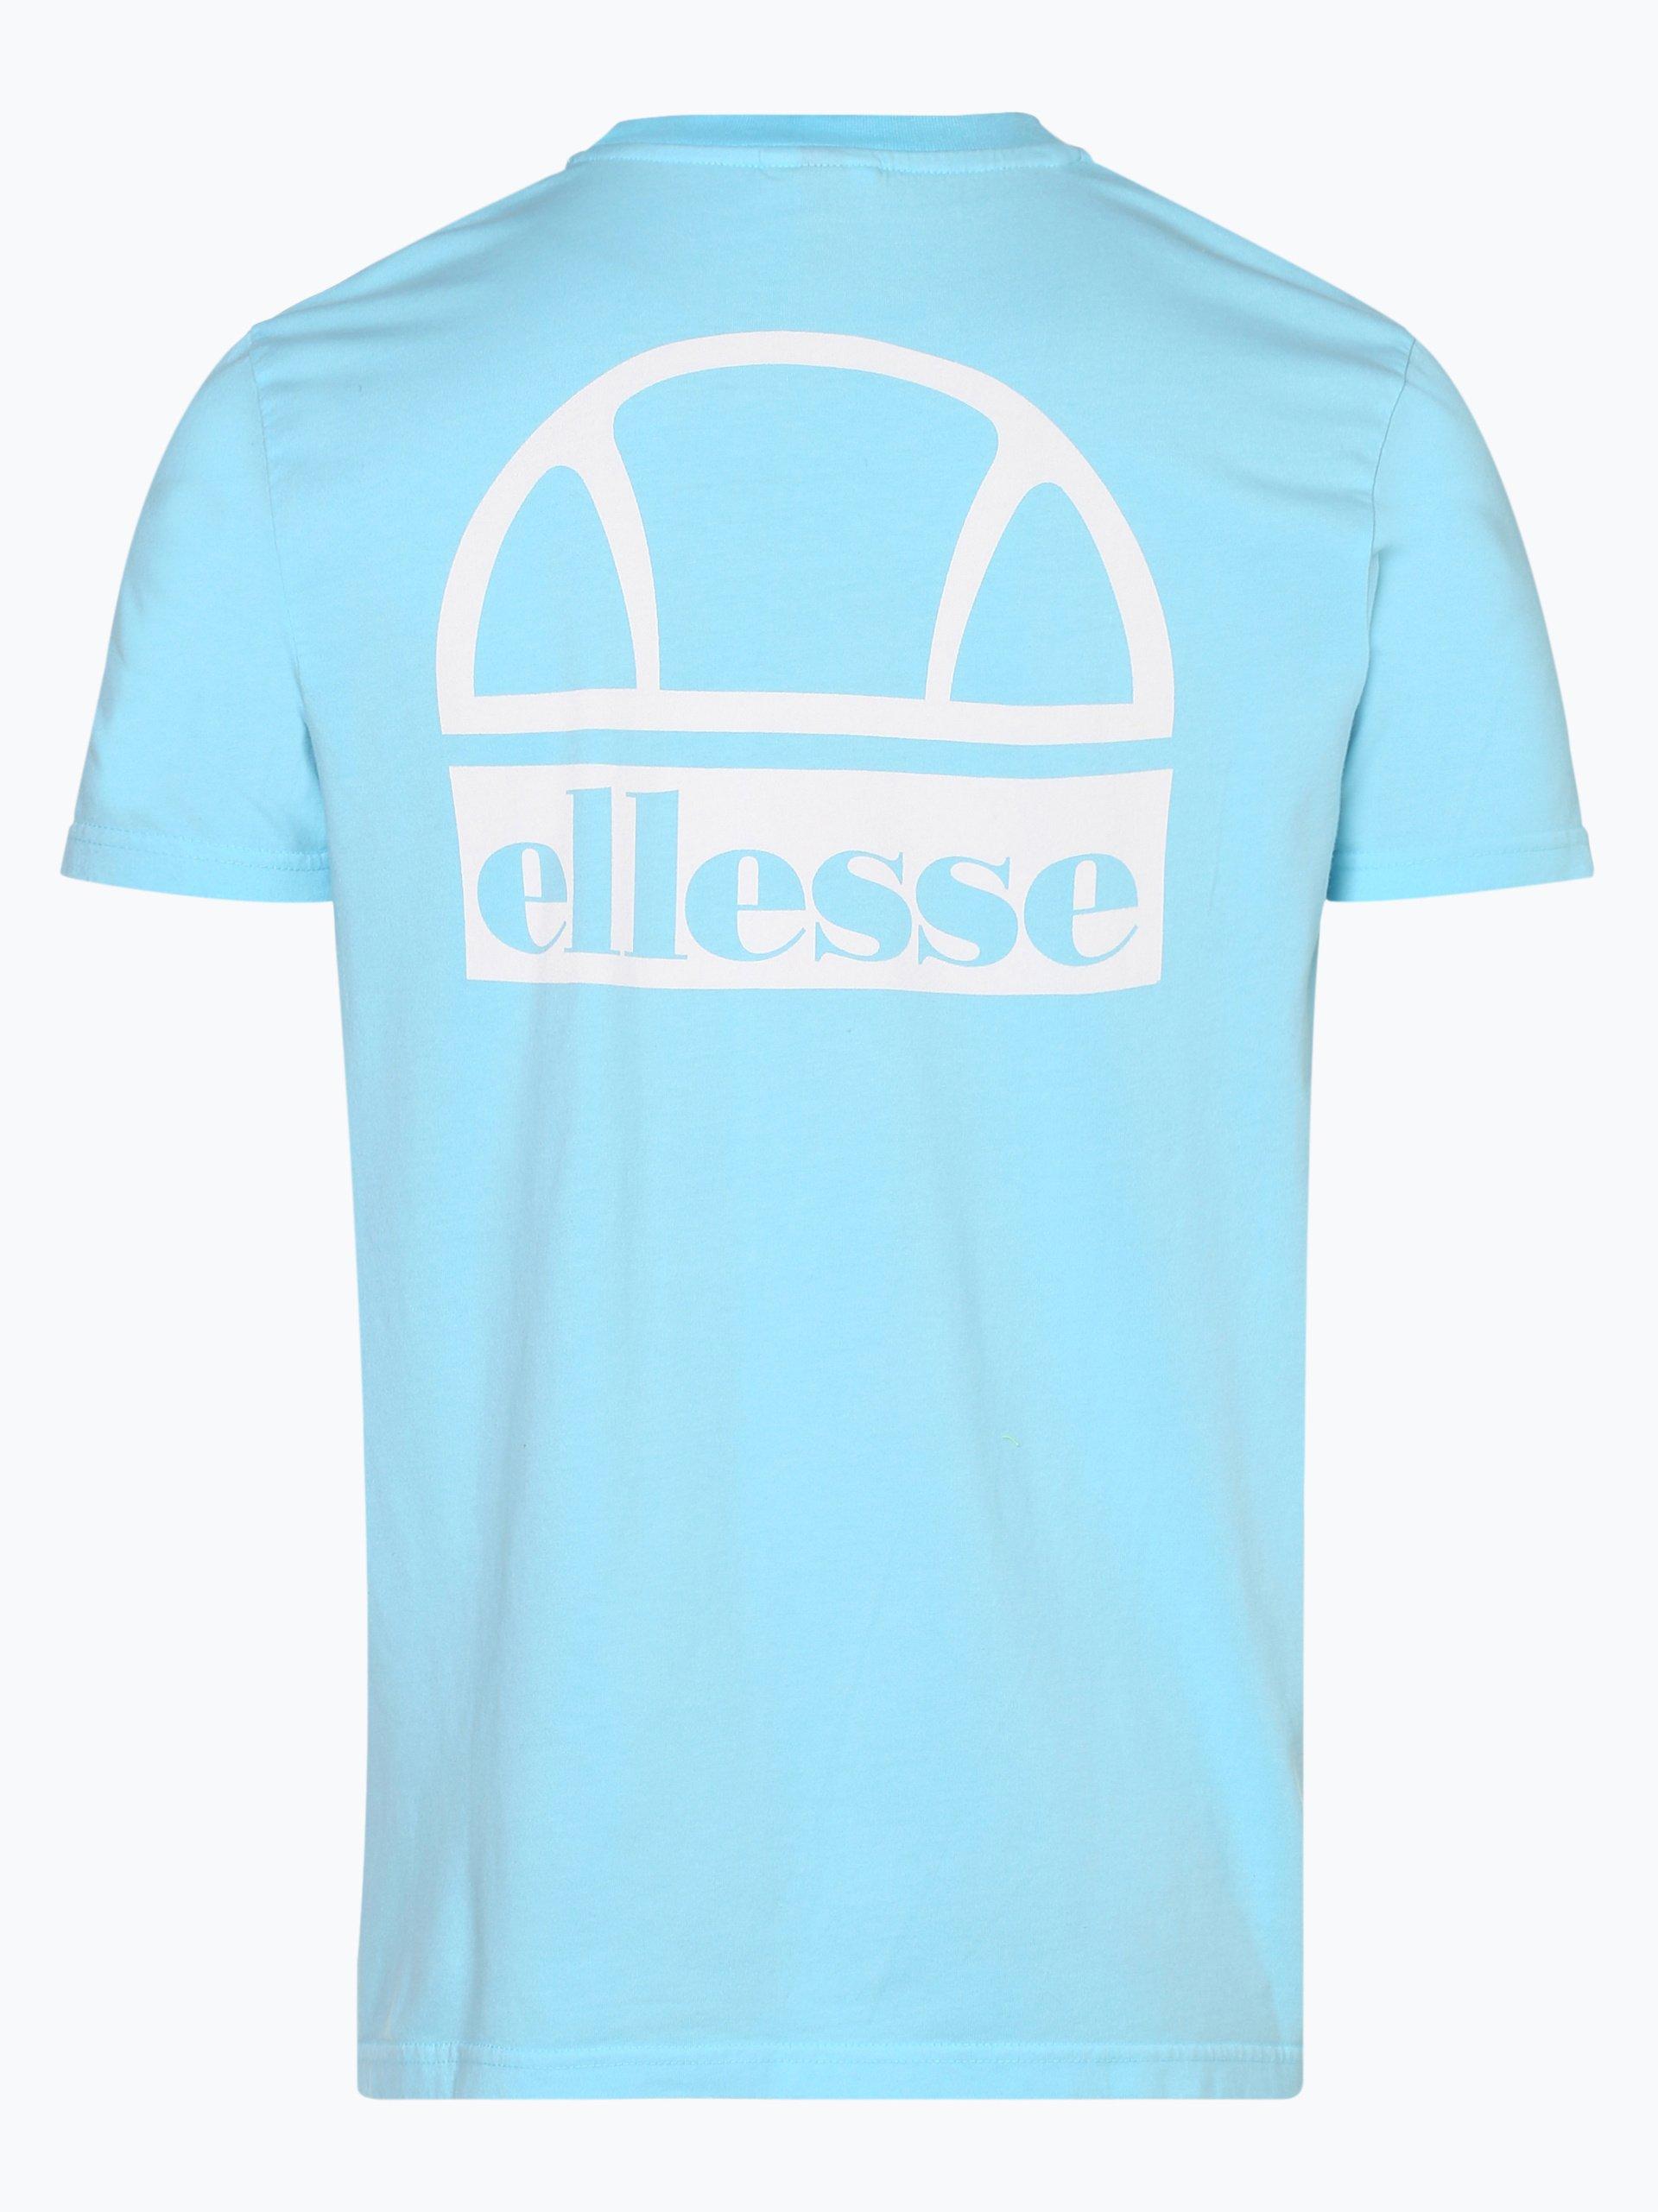 ellesse Herren T-Shirt - Cuba